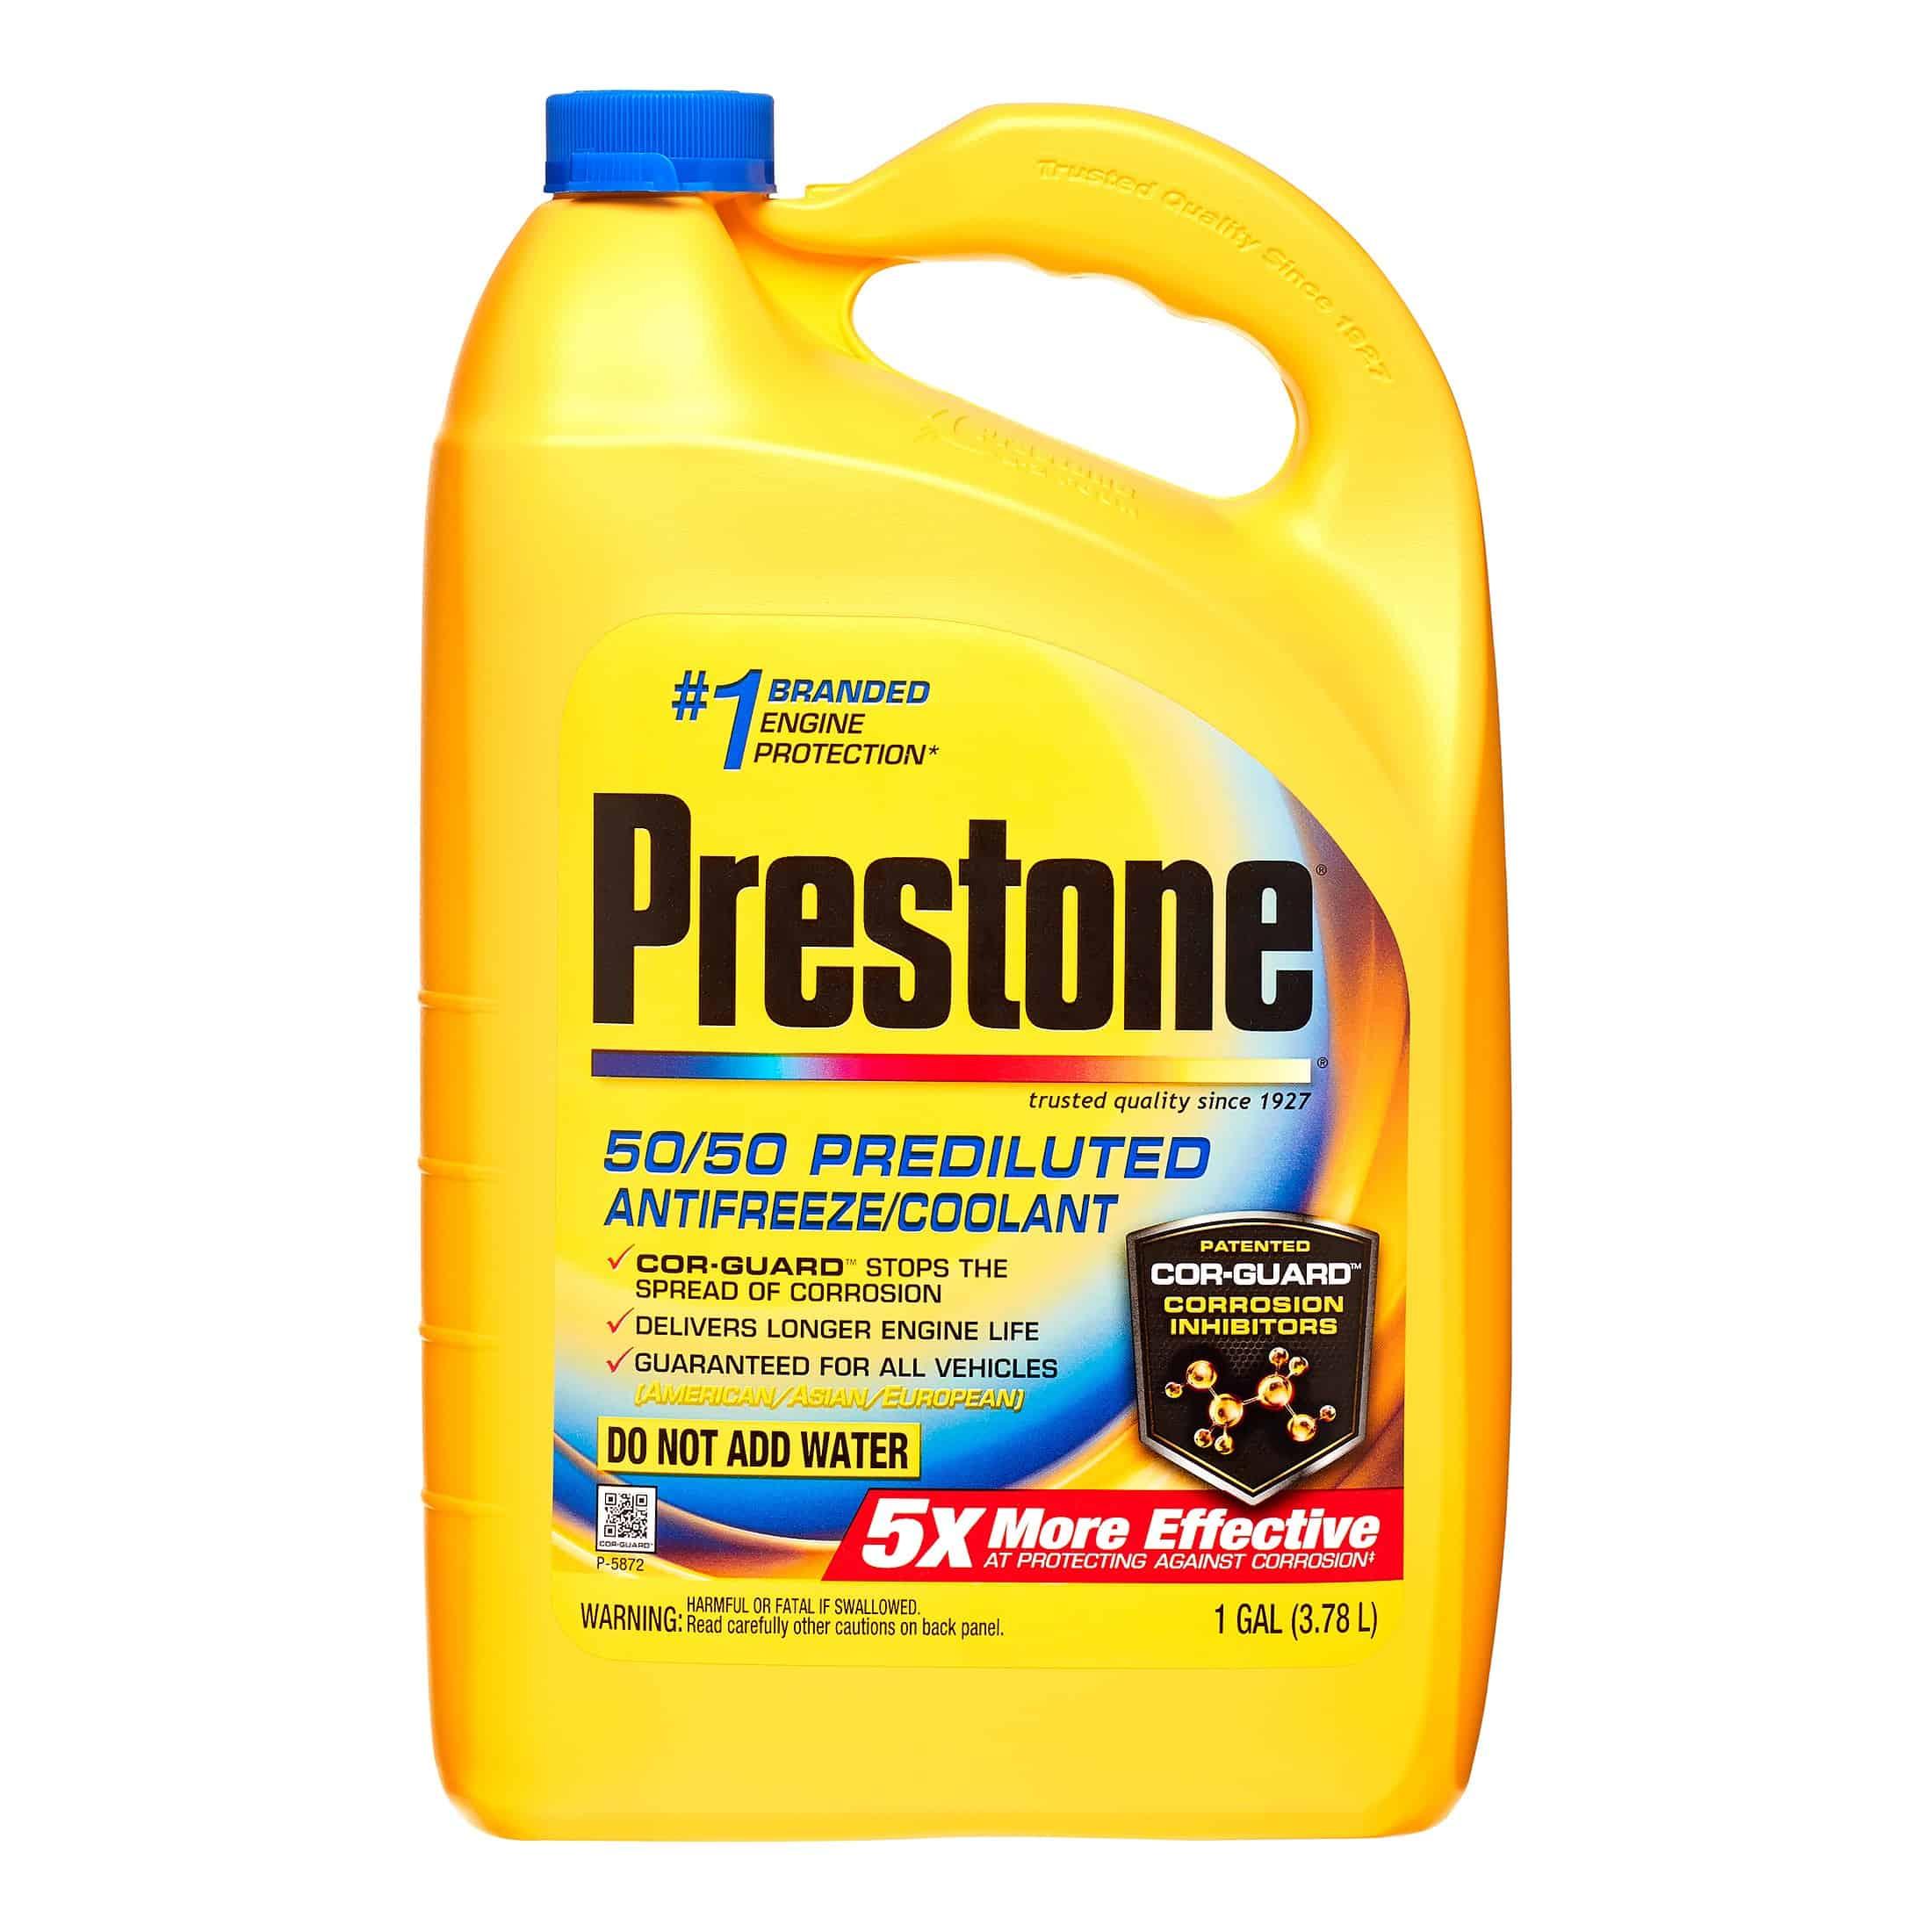 Bottle of Prestone Antifreeze